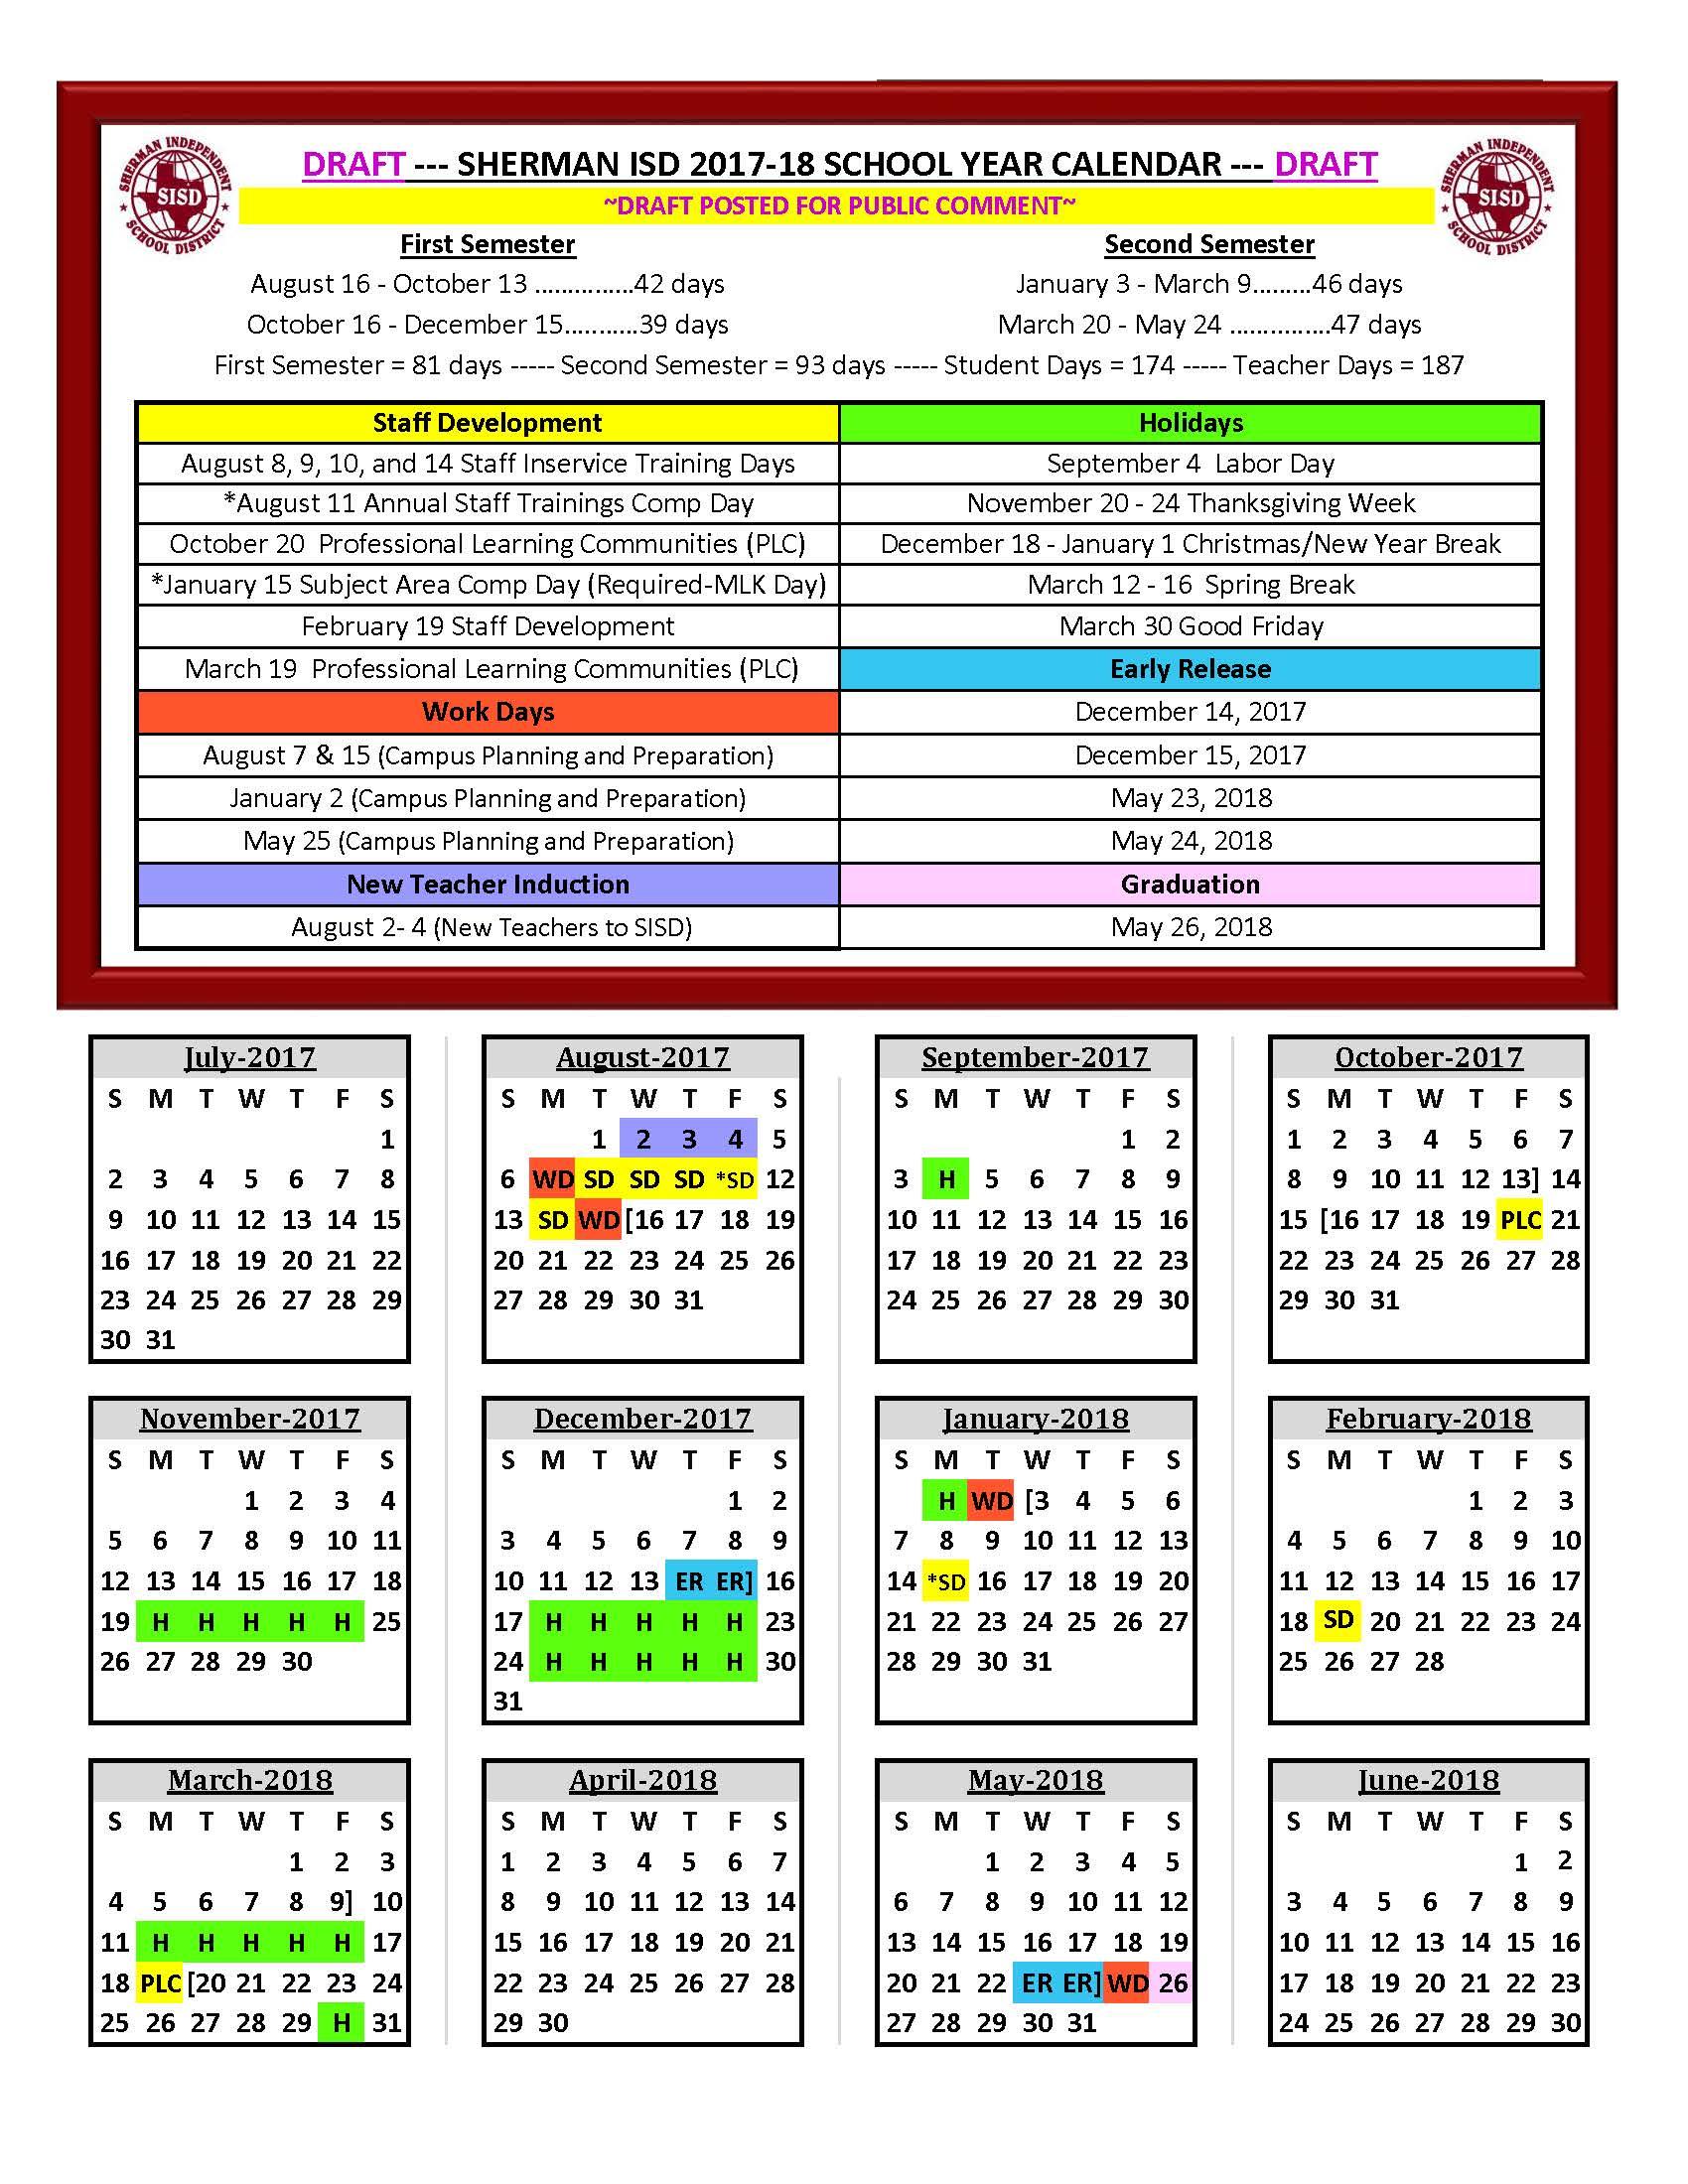 School Year Calendar : Proposed school year calendar survey